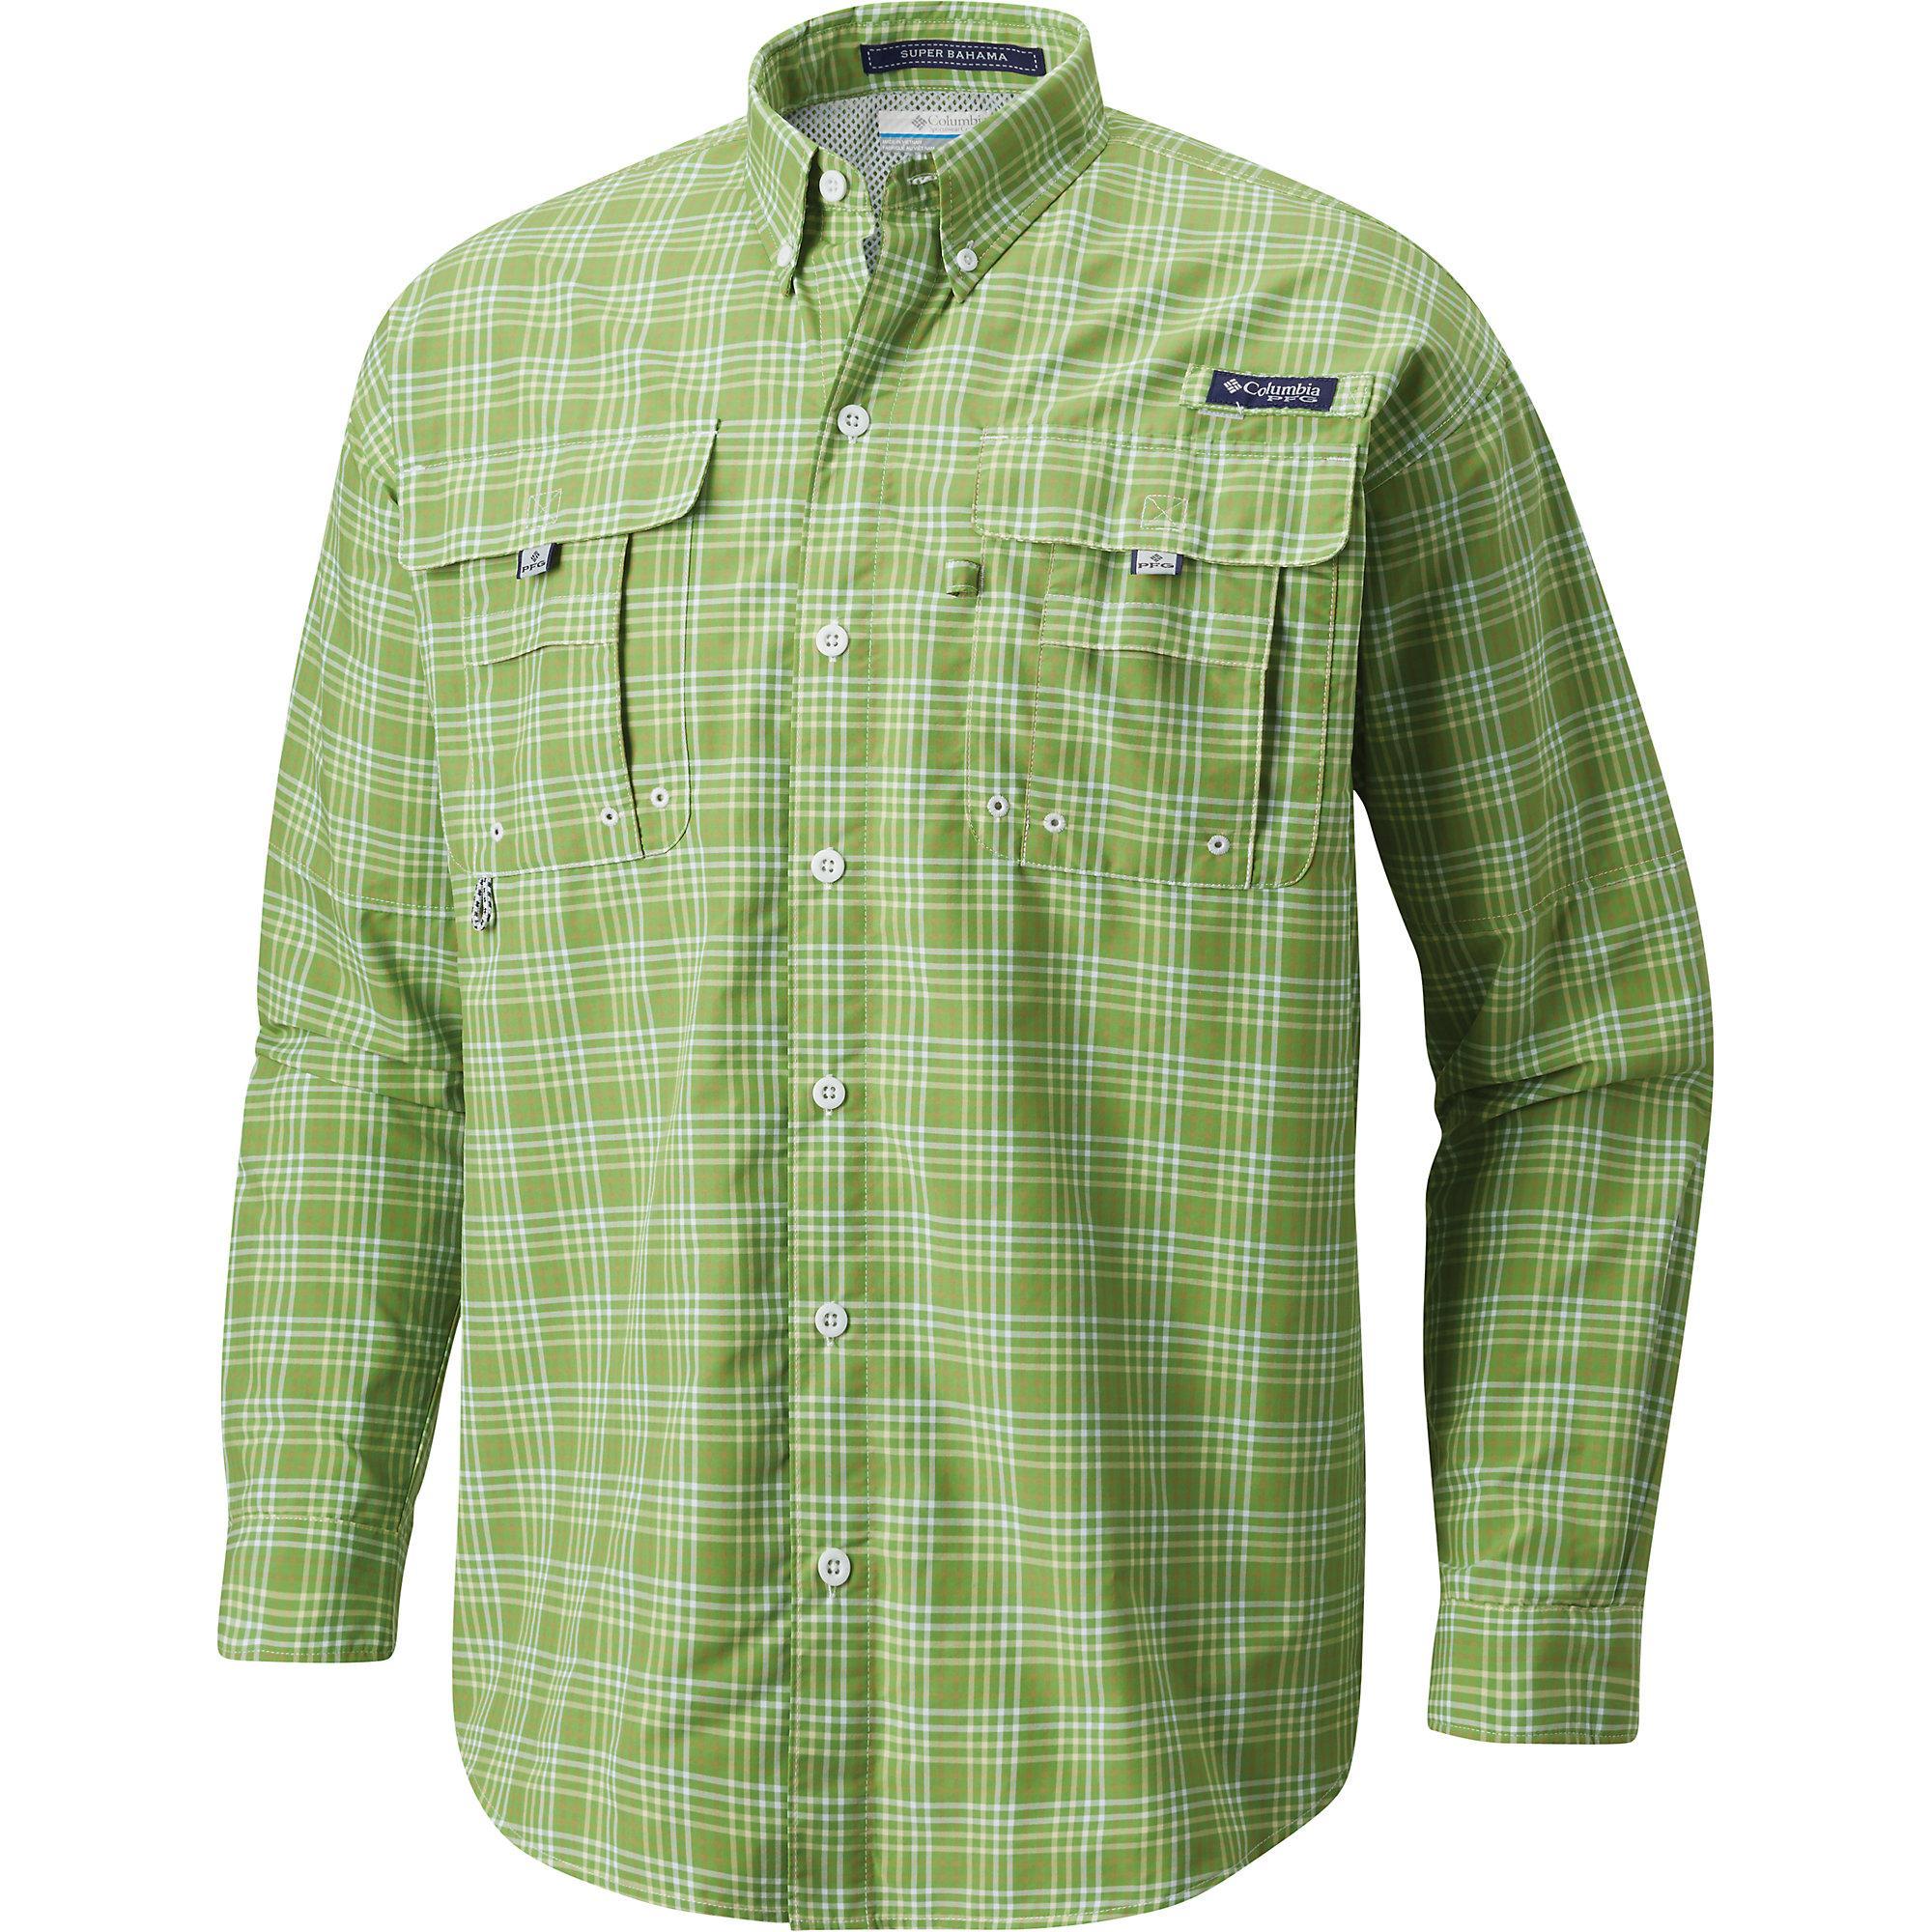 ebb24a08a7a Columbia - Green Super Bahama Ls Shirt for Men - Lyst. View fullscreen